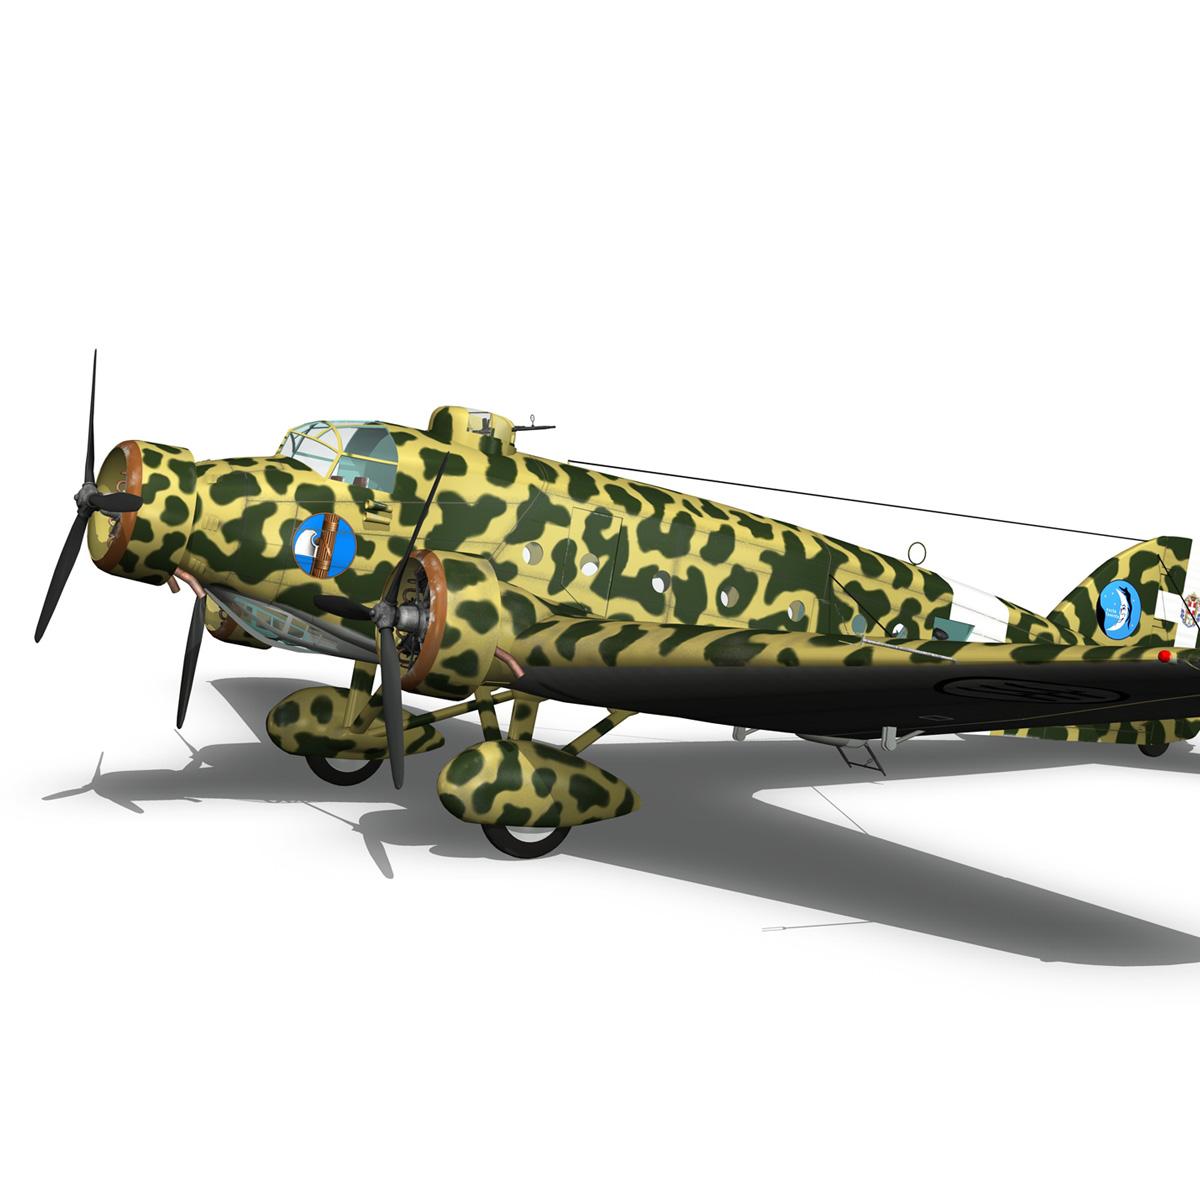 savoia-marchetti sm81 pipistrello model 3d 3ds fbx c4d lwo obj 274194